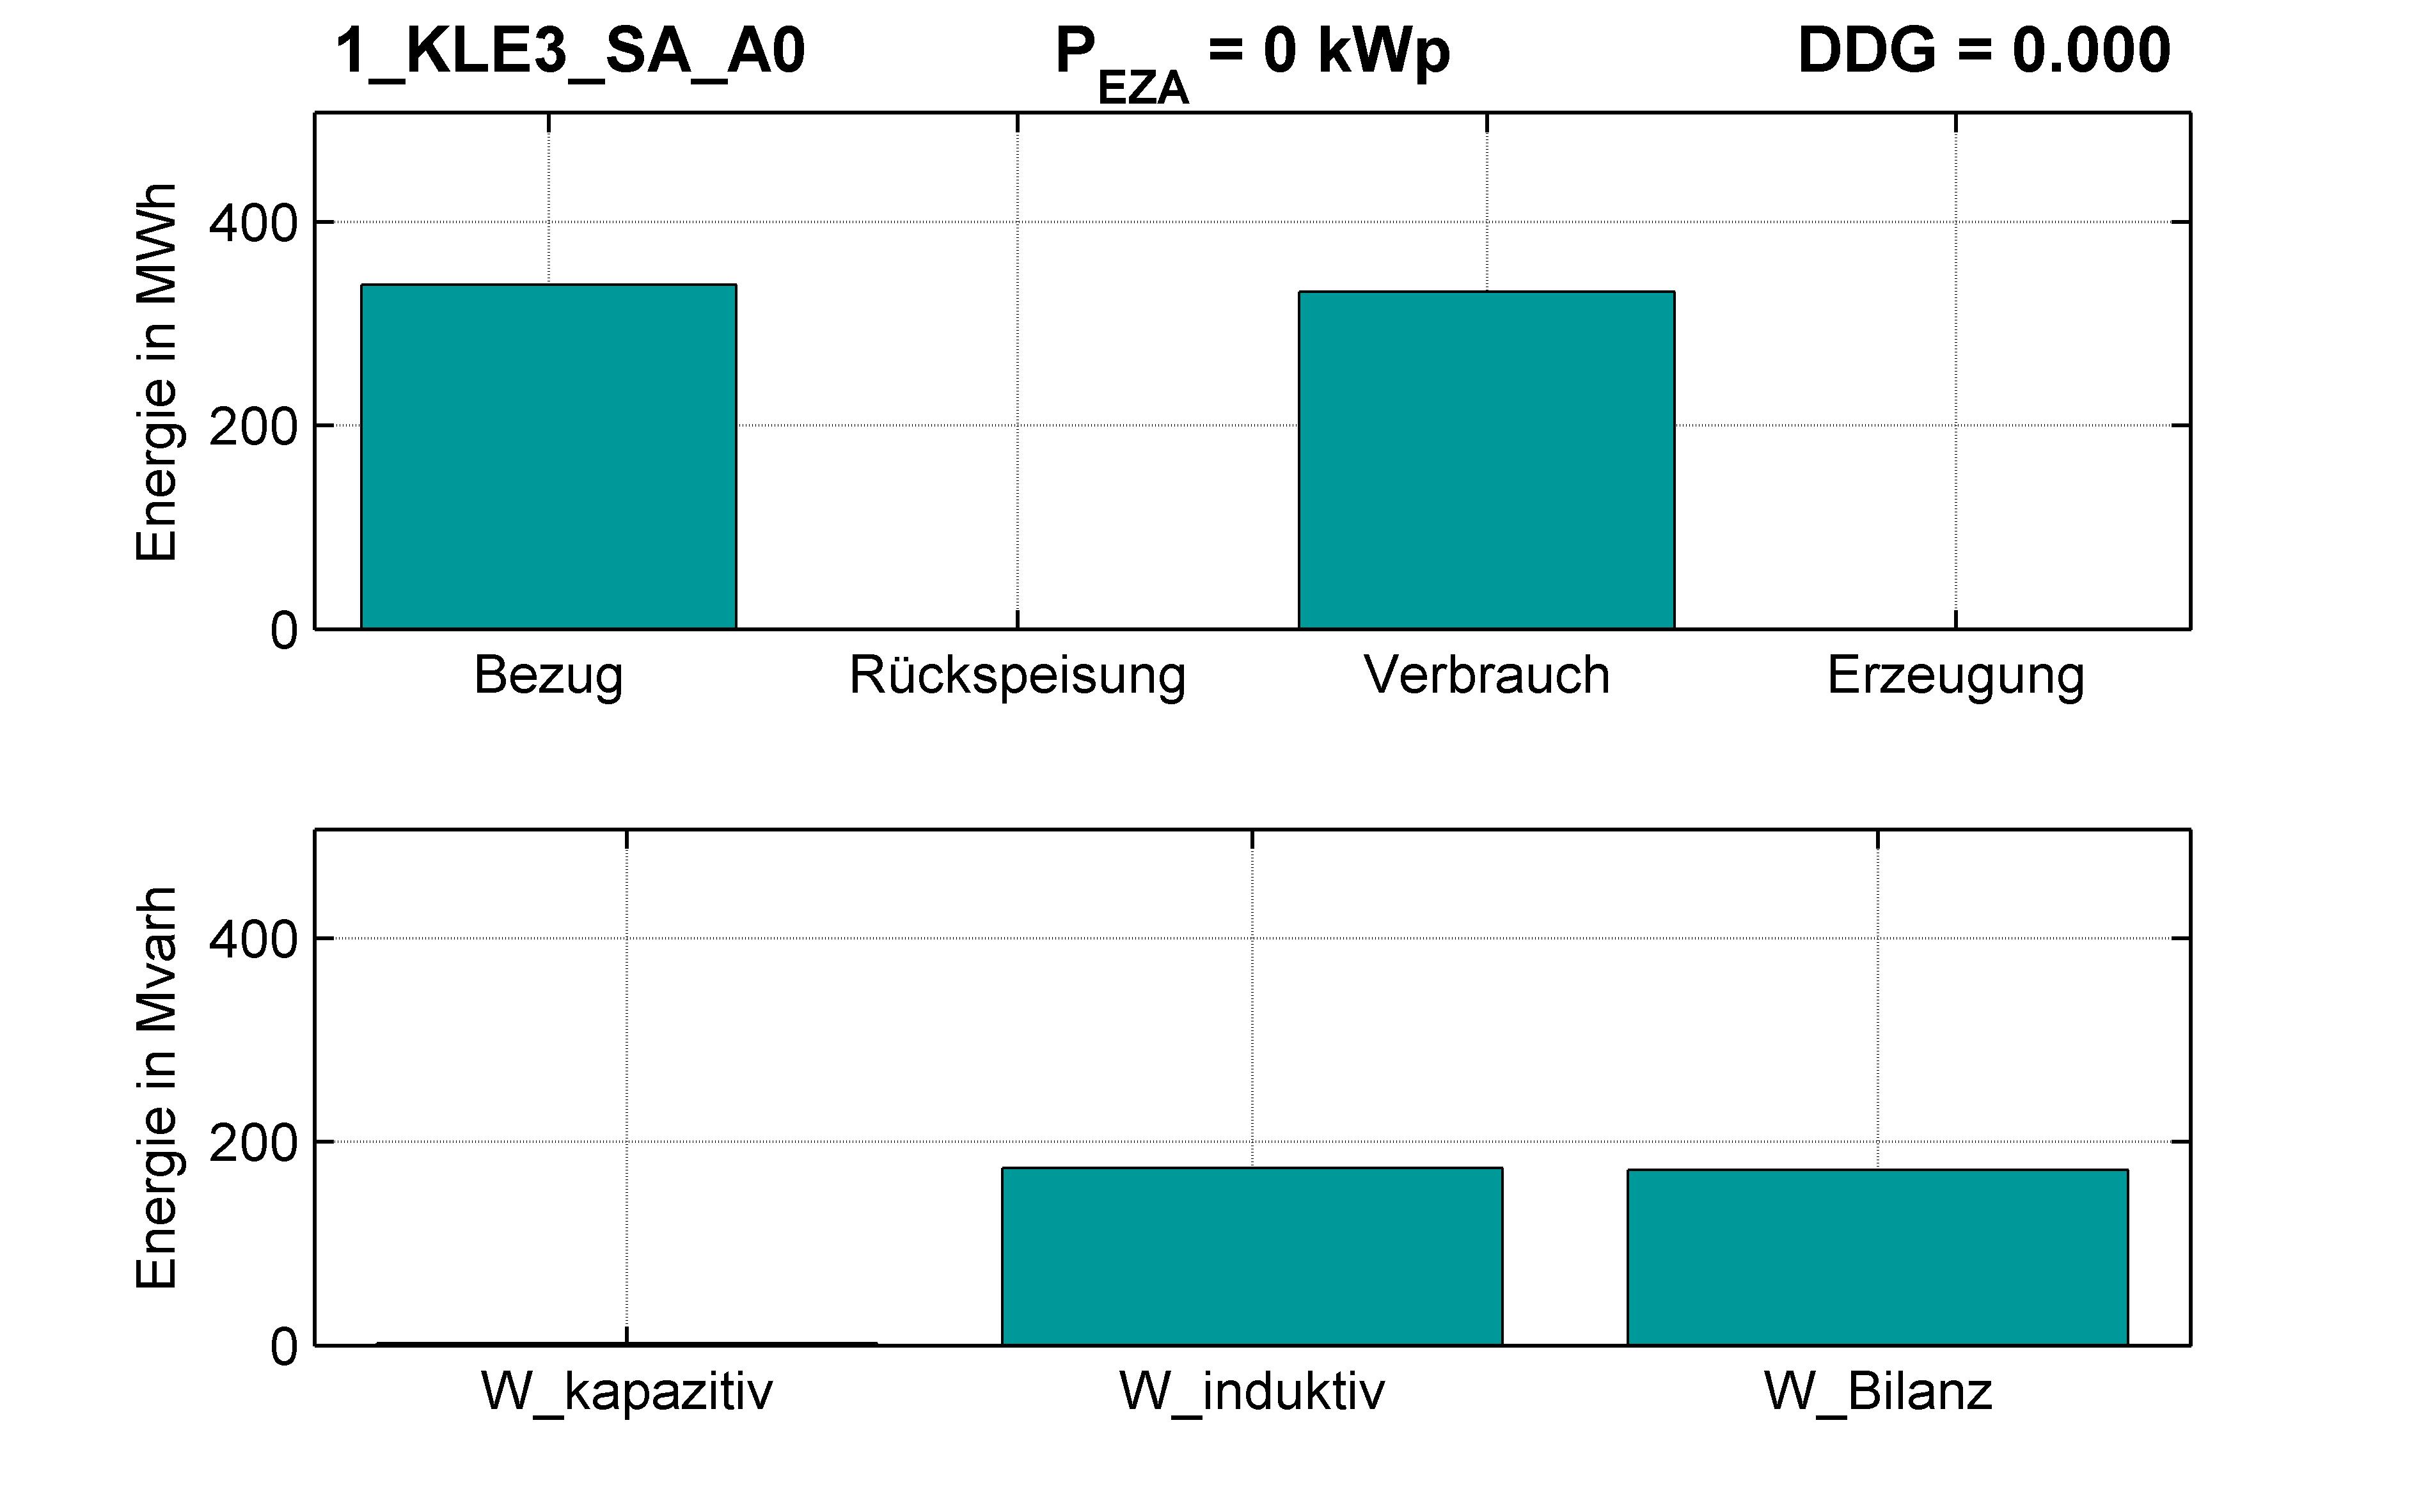 KLE3 | KABEL (SA) A0 | PQ-Bilanz